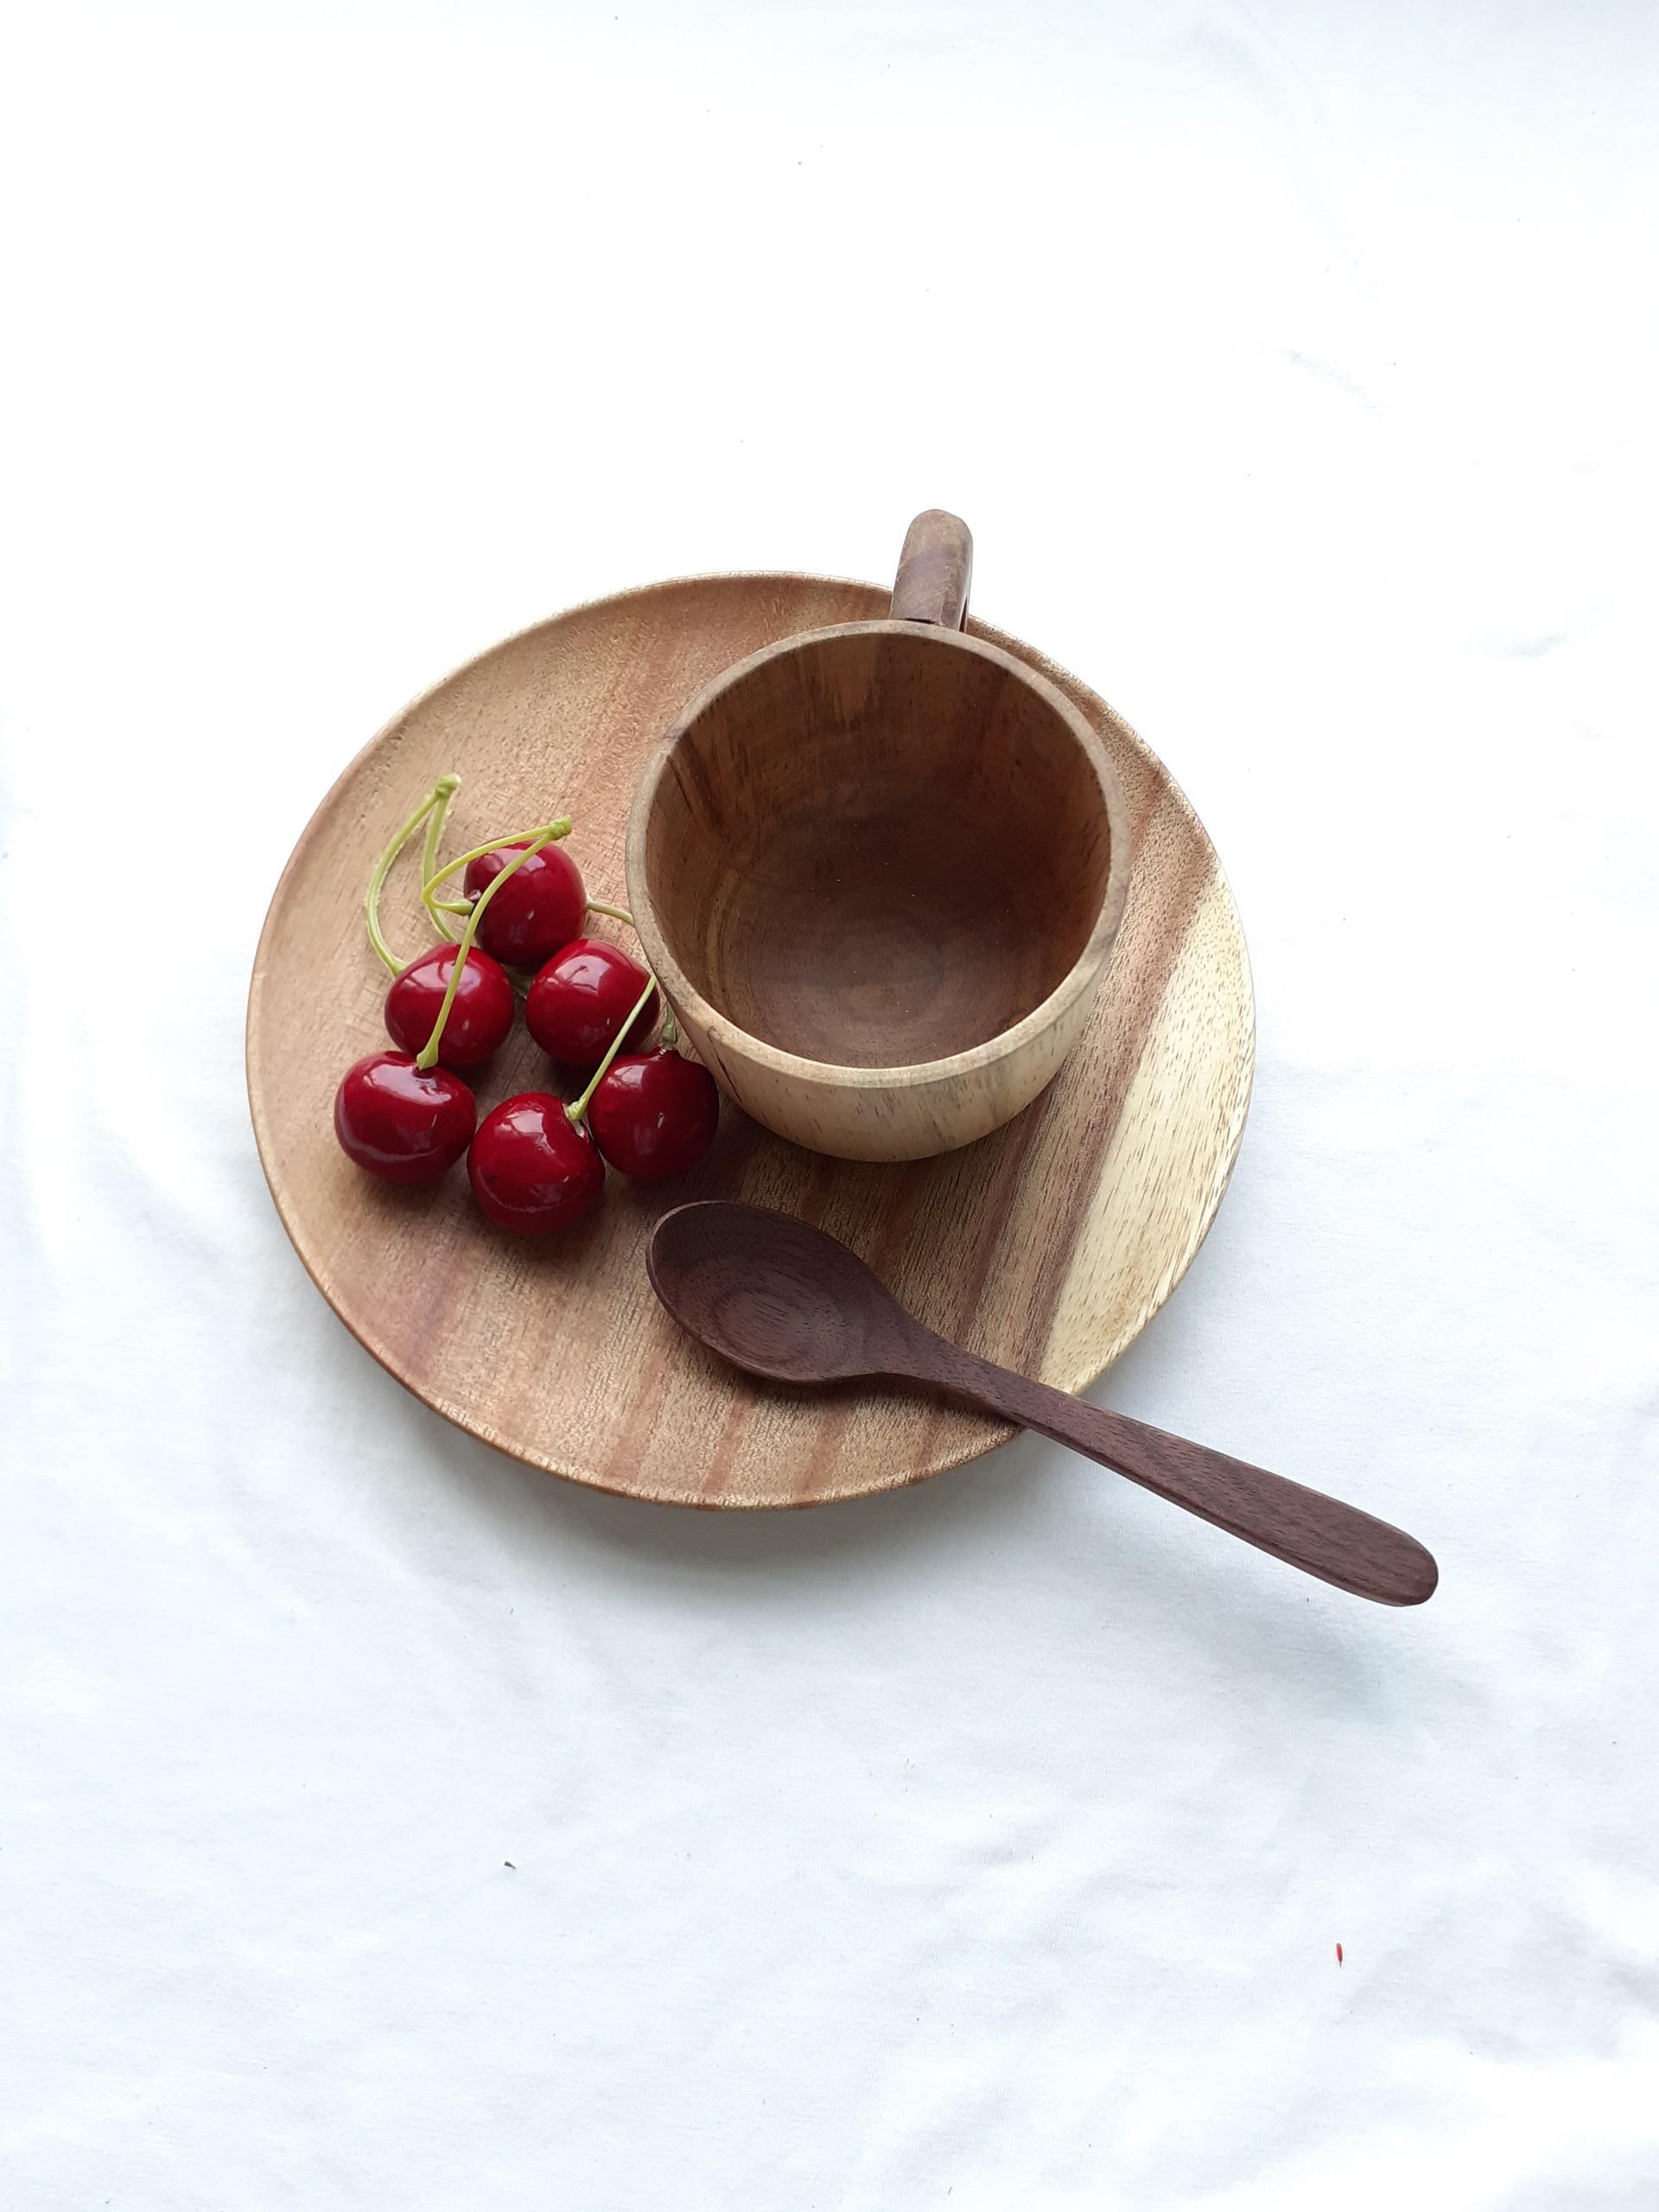 Khay, đĩa gỗ KEO tròn 18 cm lót bát, ly, cốc, đựng hoa quả, đồ ăn ( ĐG 05 )